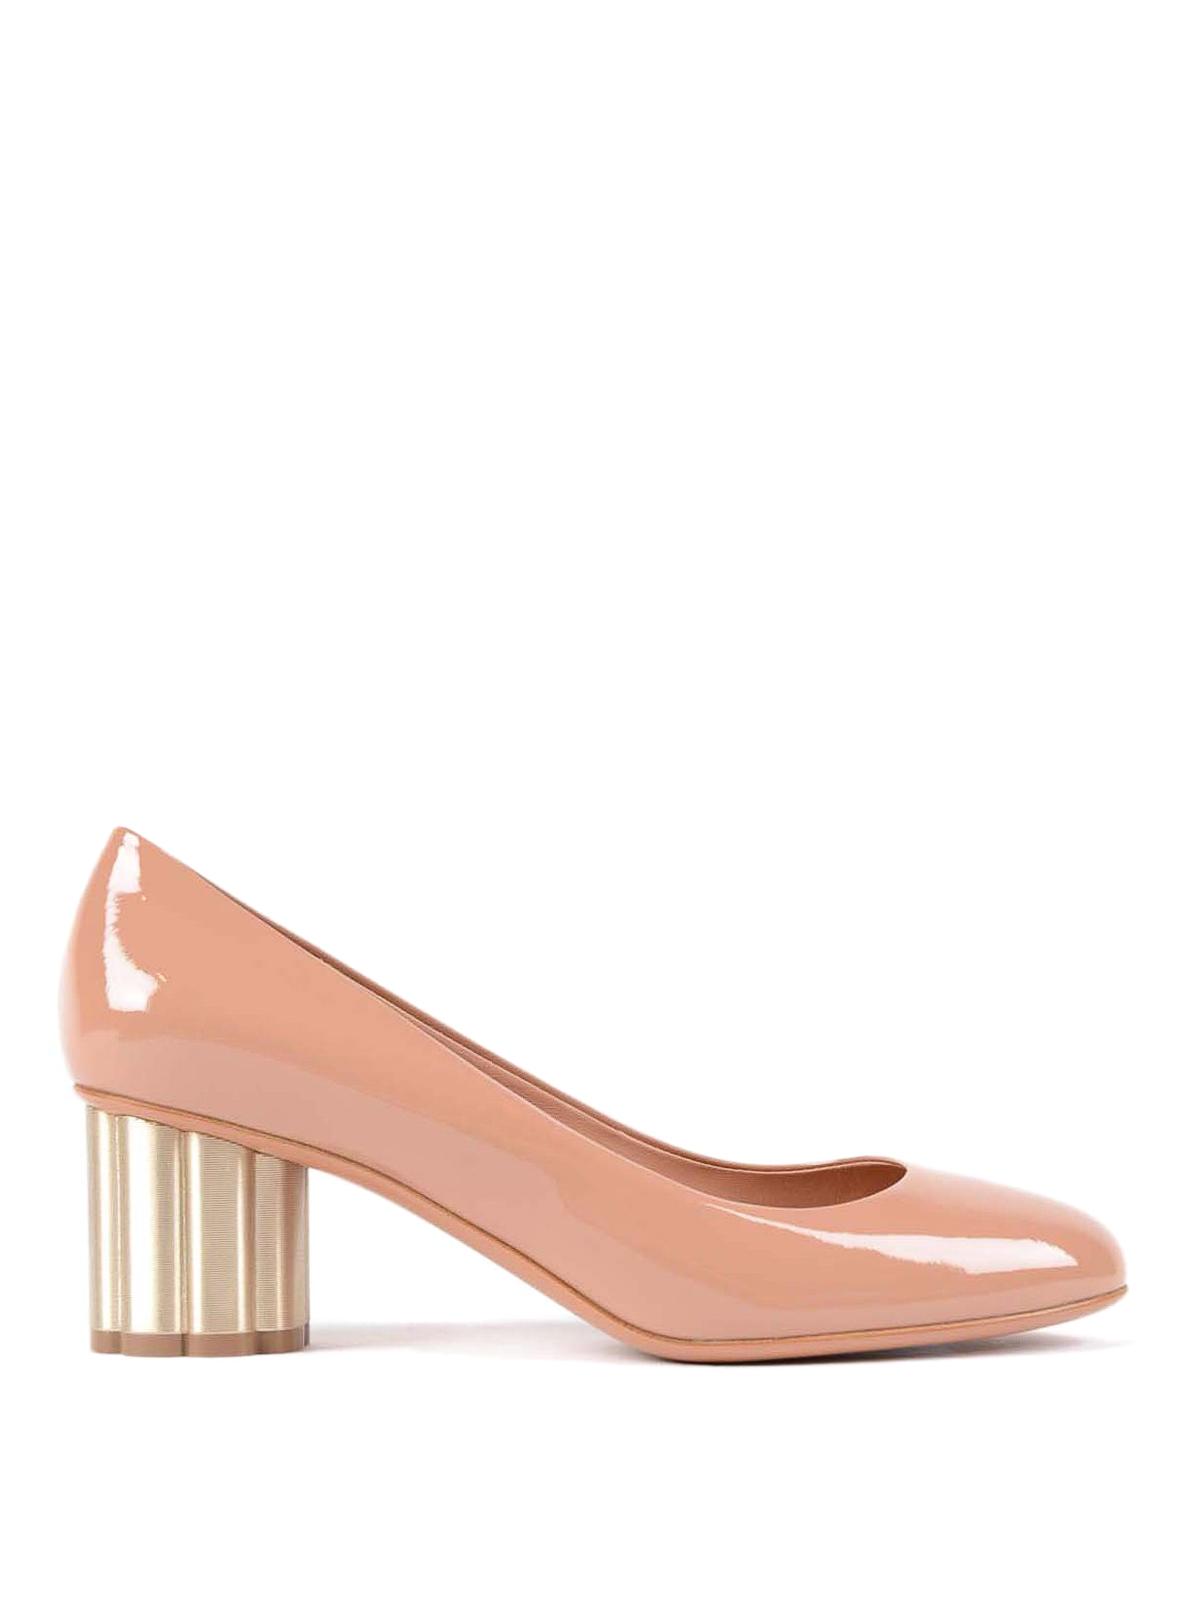 5accad6d0d03 Salvatore Ferragamo - Lucca 55 pumps - court shoes - 01M686 672735